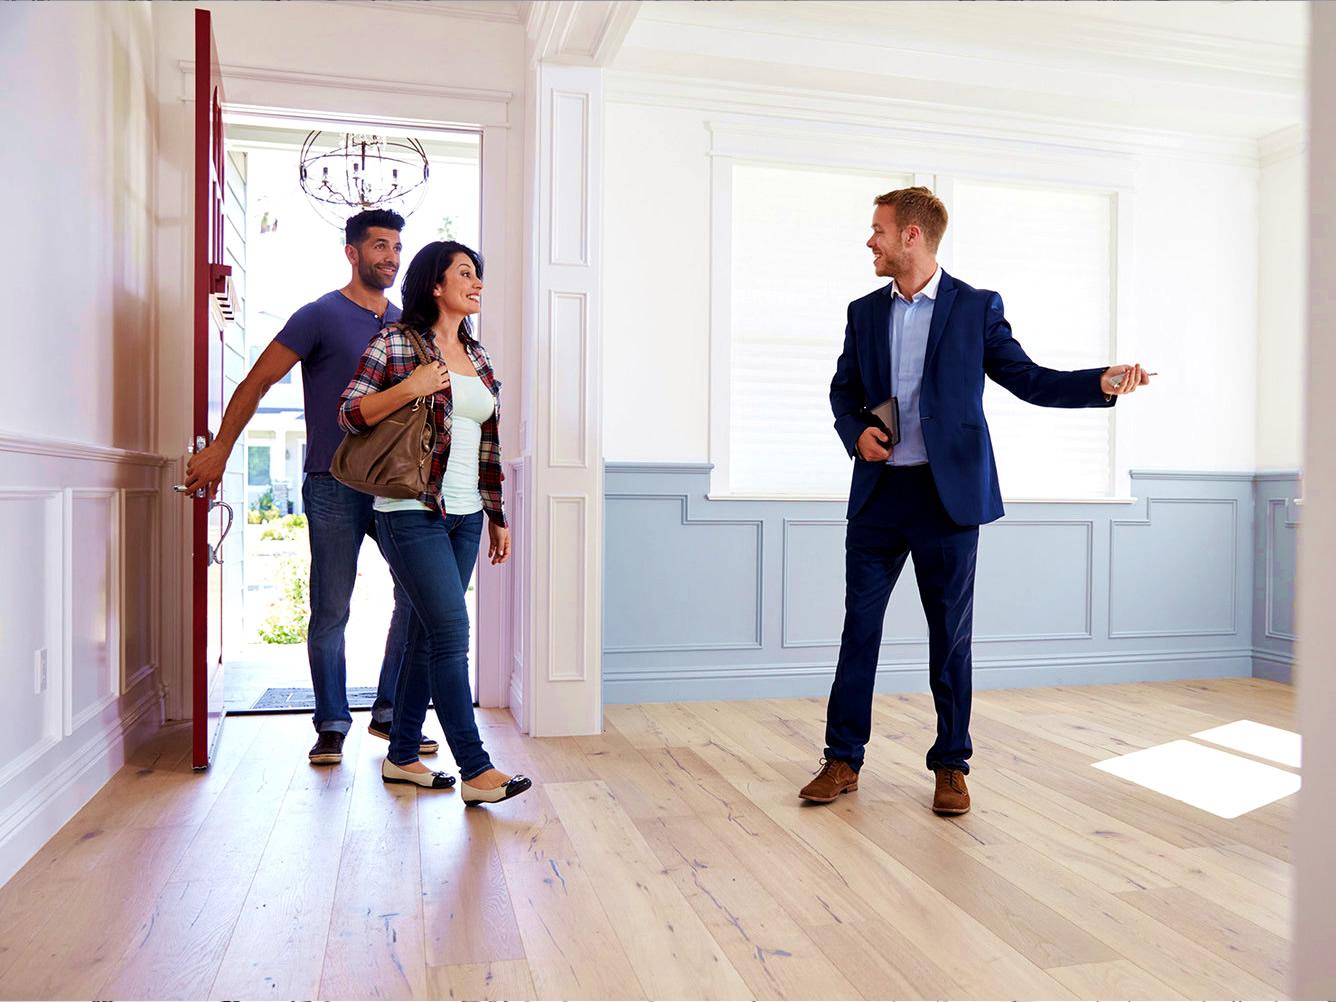 Indicadores do mercado revelam que esta é a altura ideal para comprar habitação